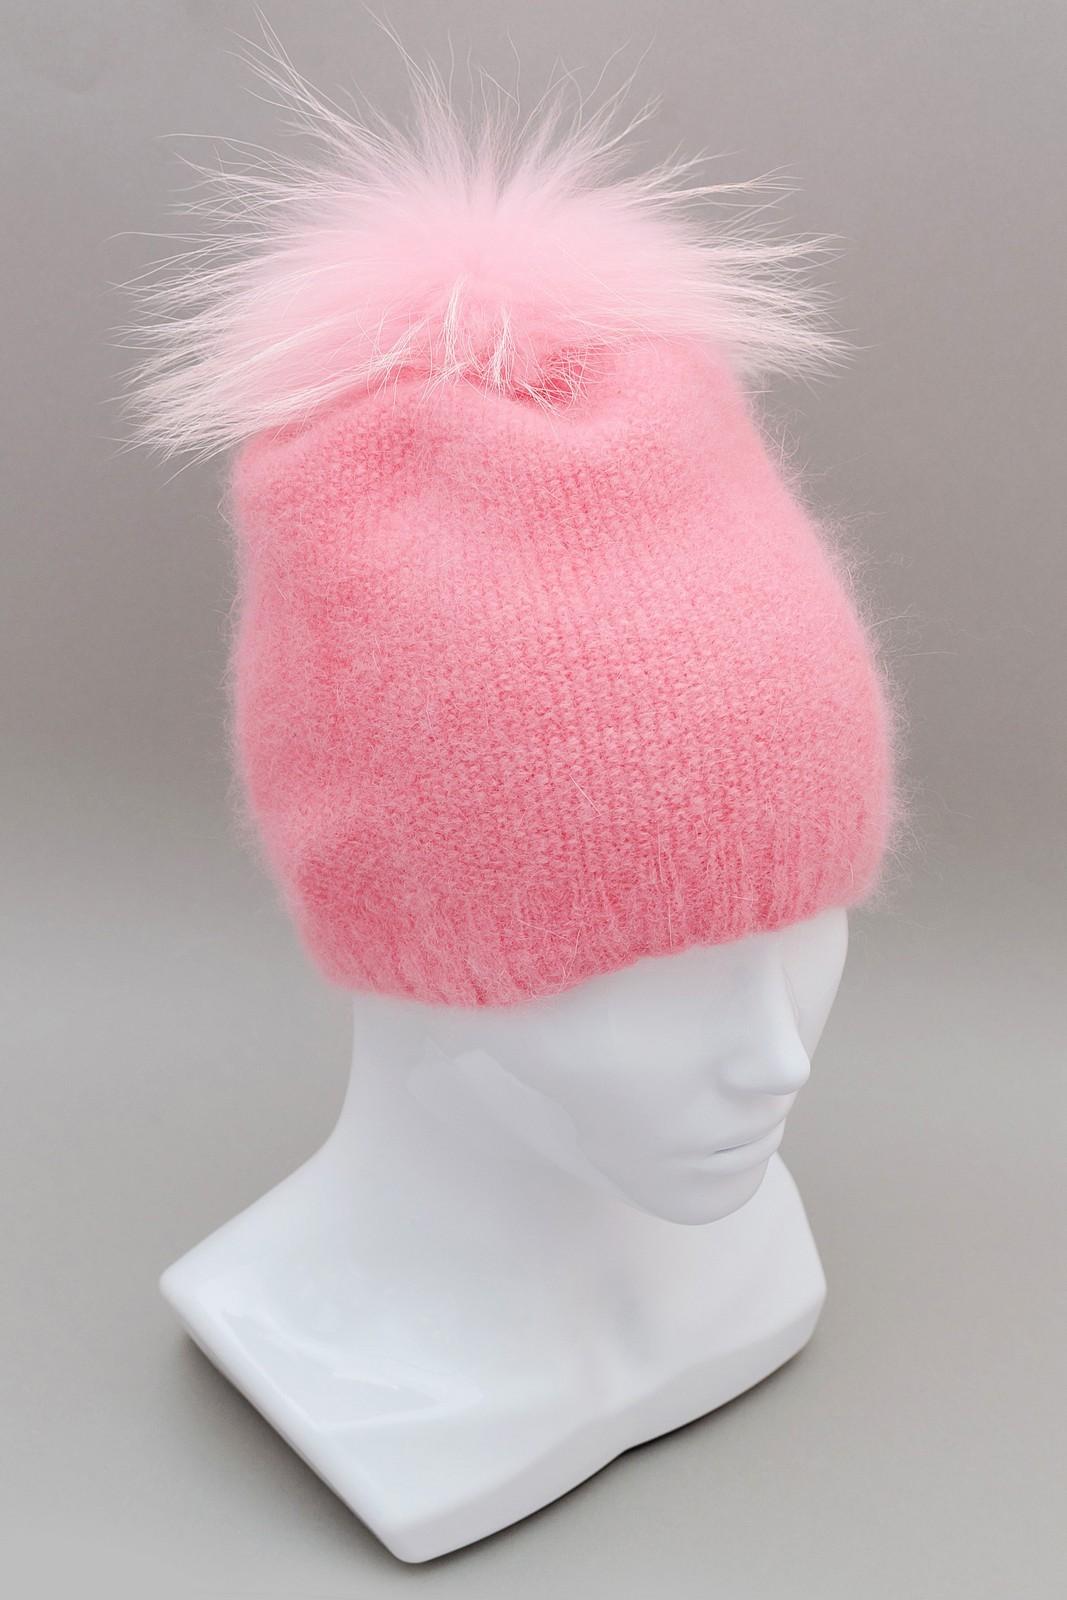 Вязаная шапка-бини из ангоры нежного розового цвета.